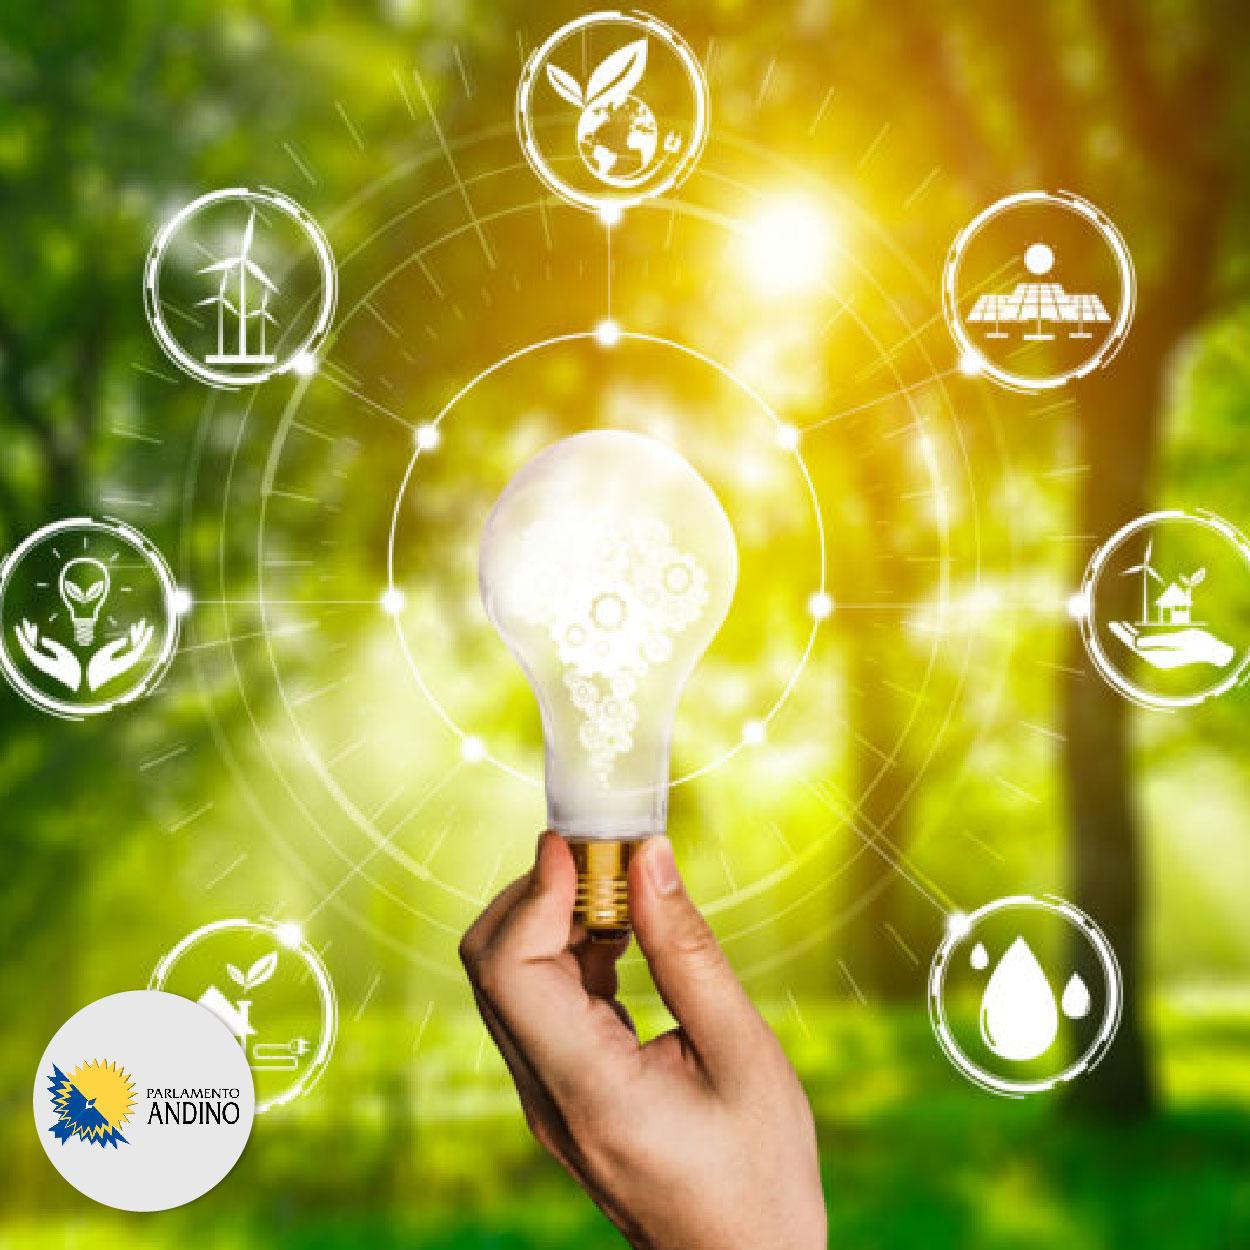 Hacia un mejor uso de los servicios energéticos en la región Andina